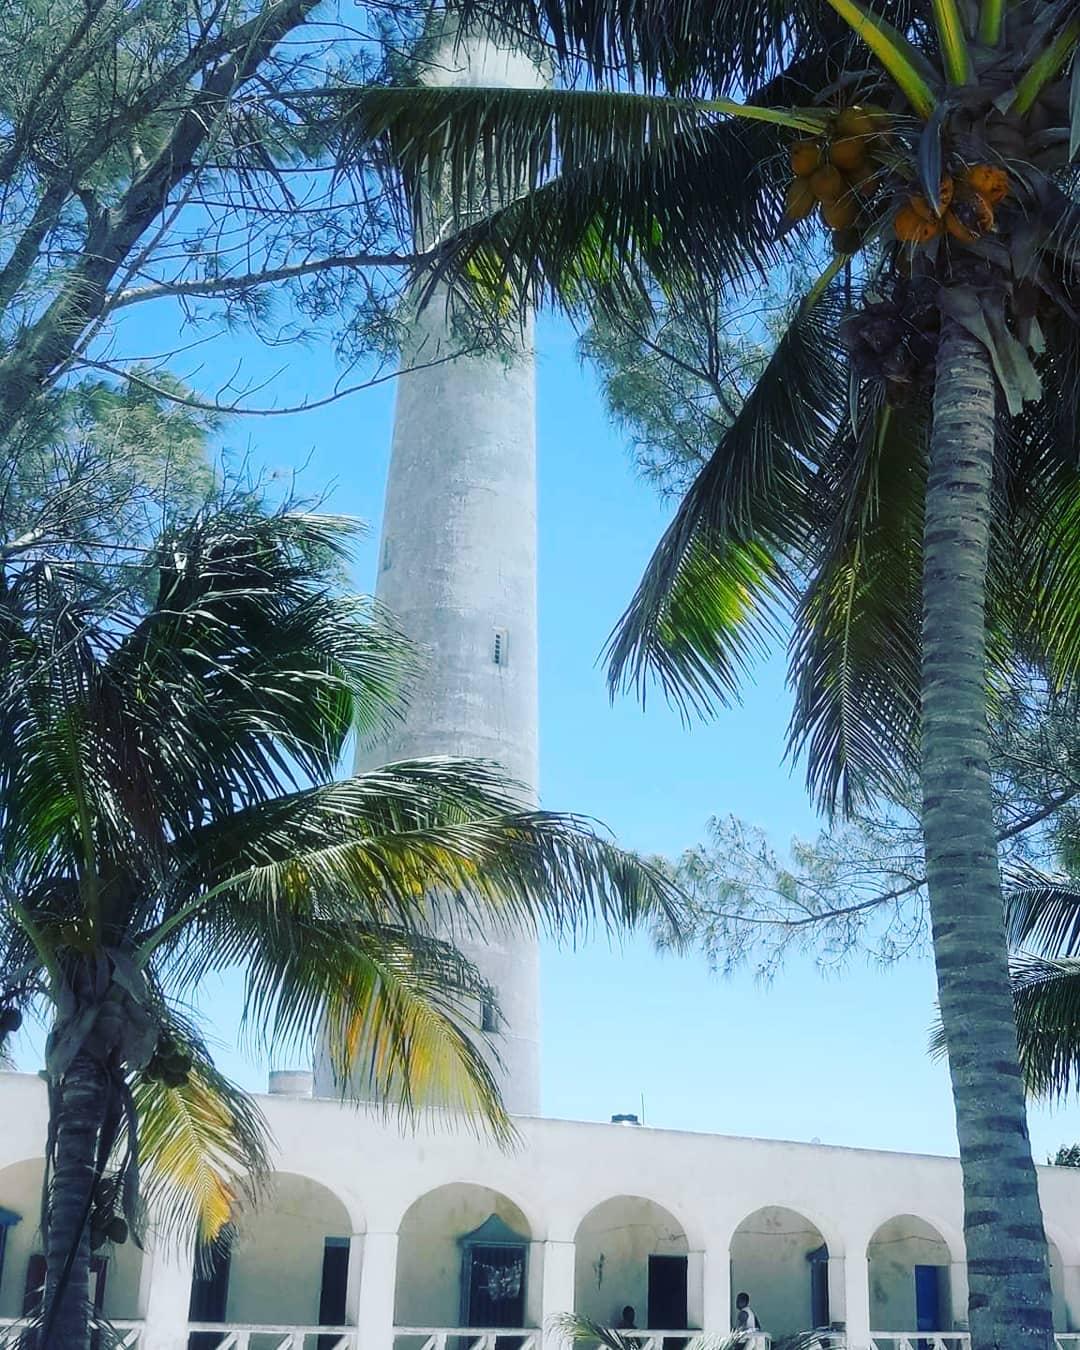 El Palmar, Yucatán